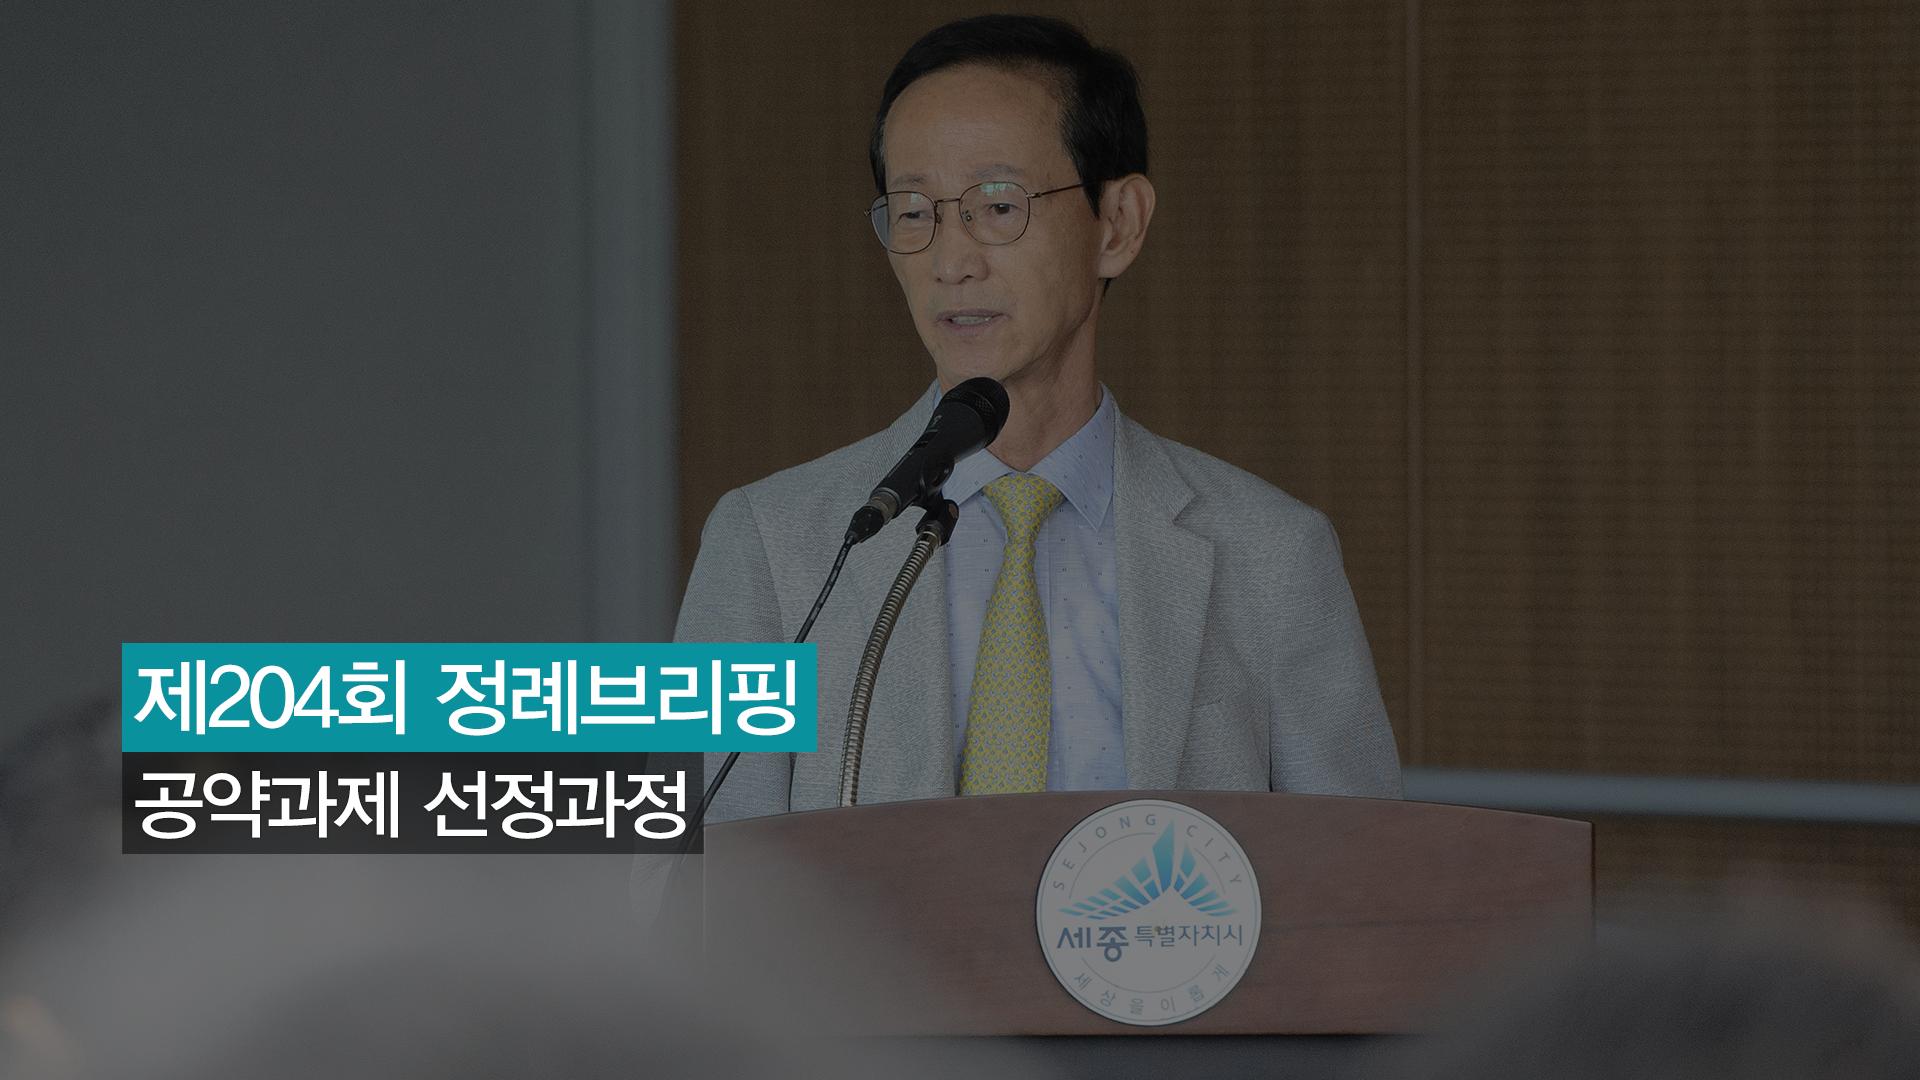 <204번째 정례브리핑> 공약과제 선정과정